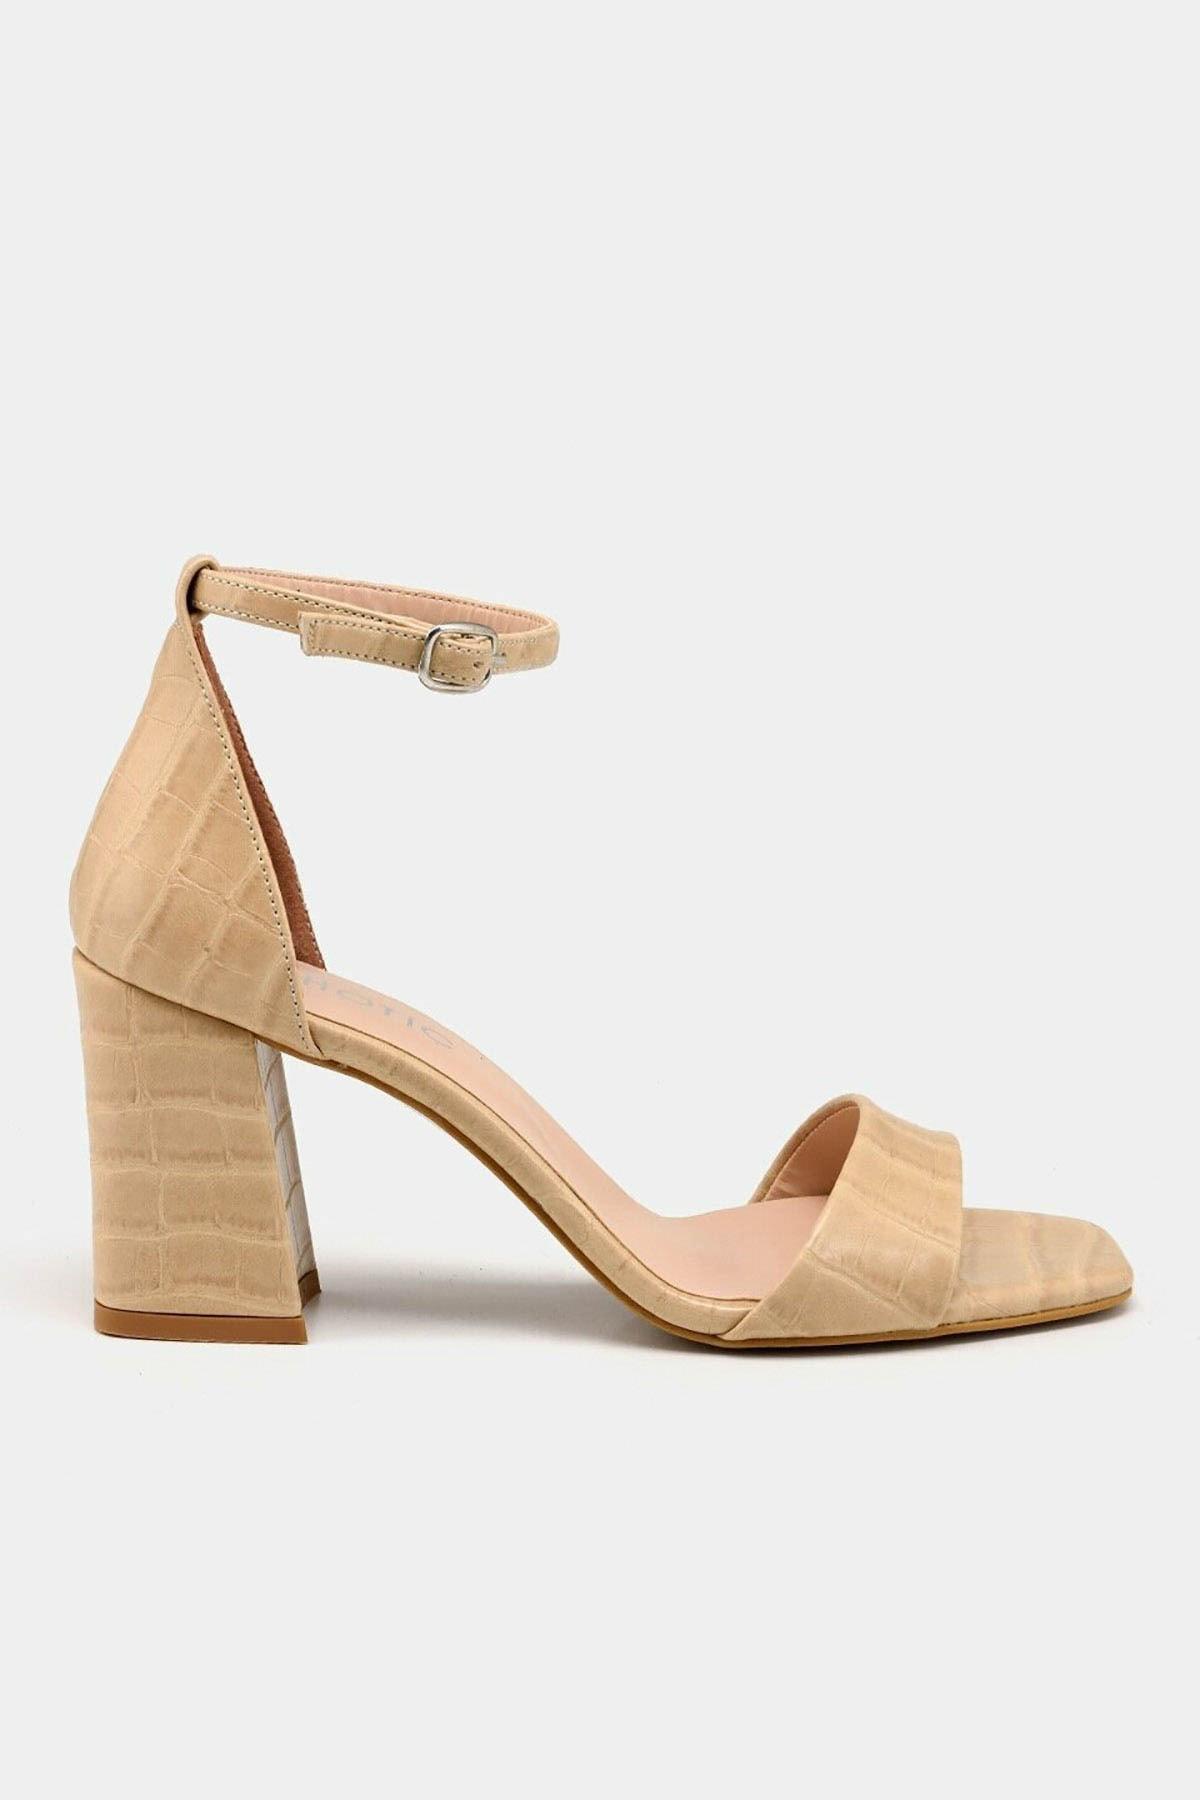 Hotiç Bej Kadın Topuklu Sandalet 1